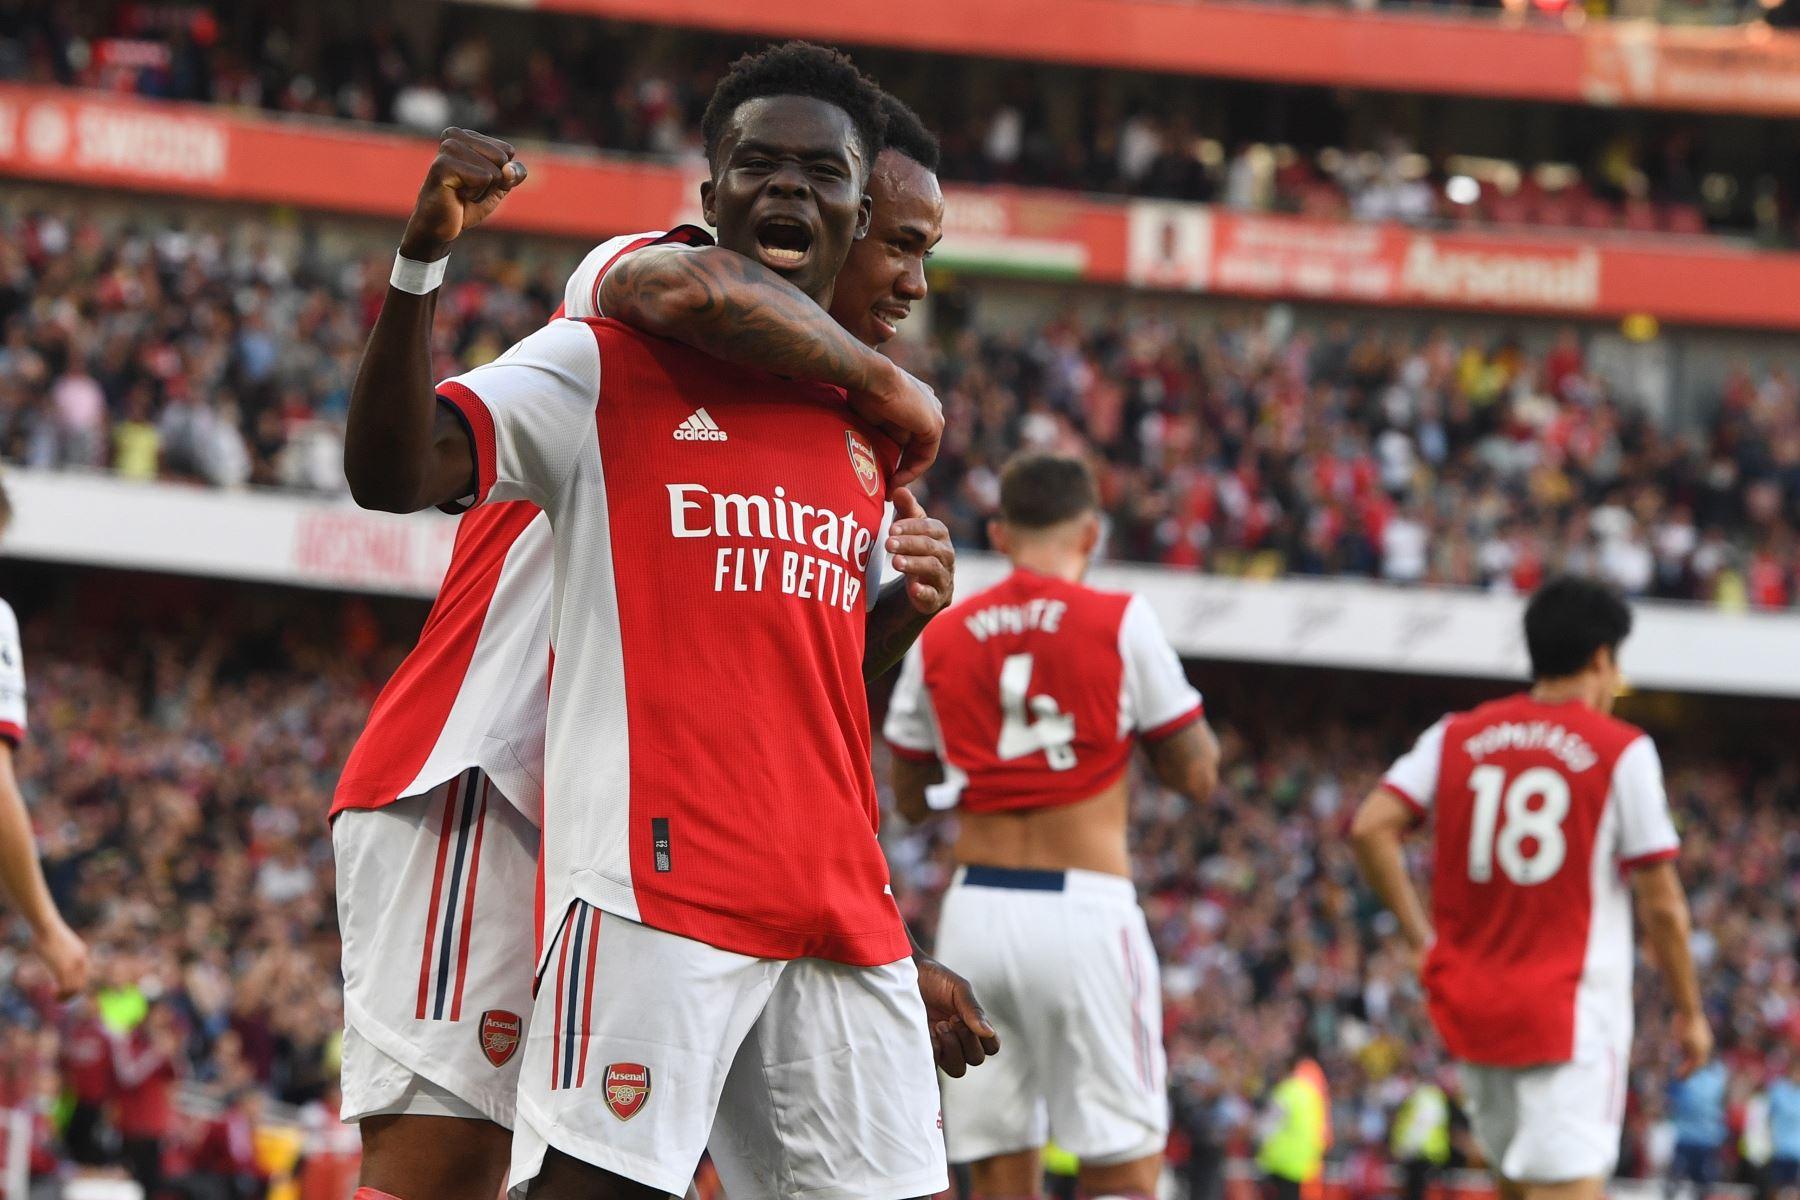 Bukayo Saka del Arsenal celebra tras anotar el 3-0 durante el partido de la Premier League. Foto: EFE